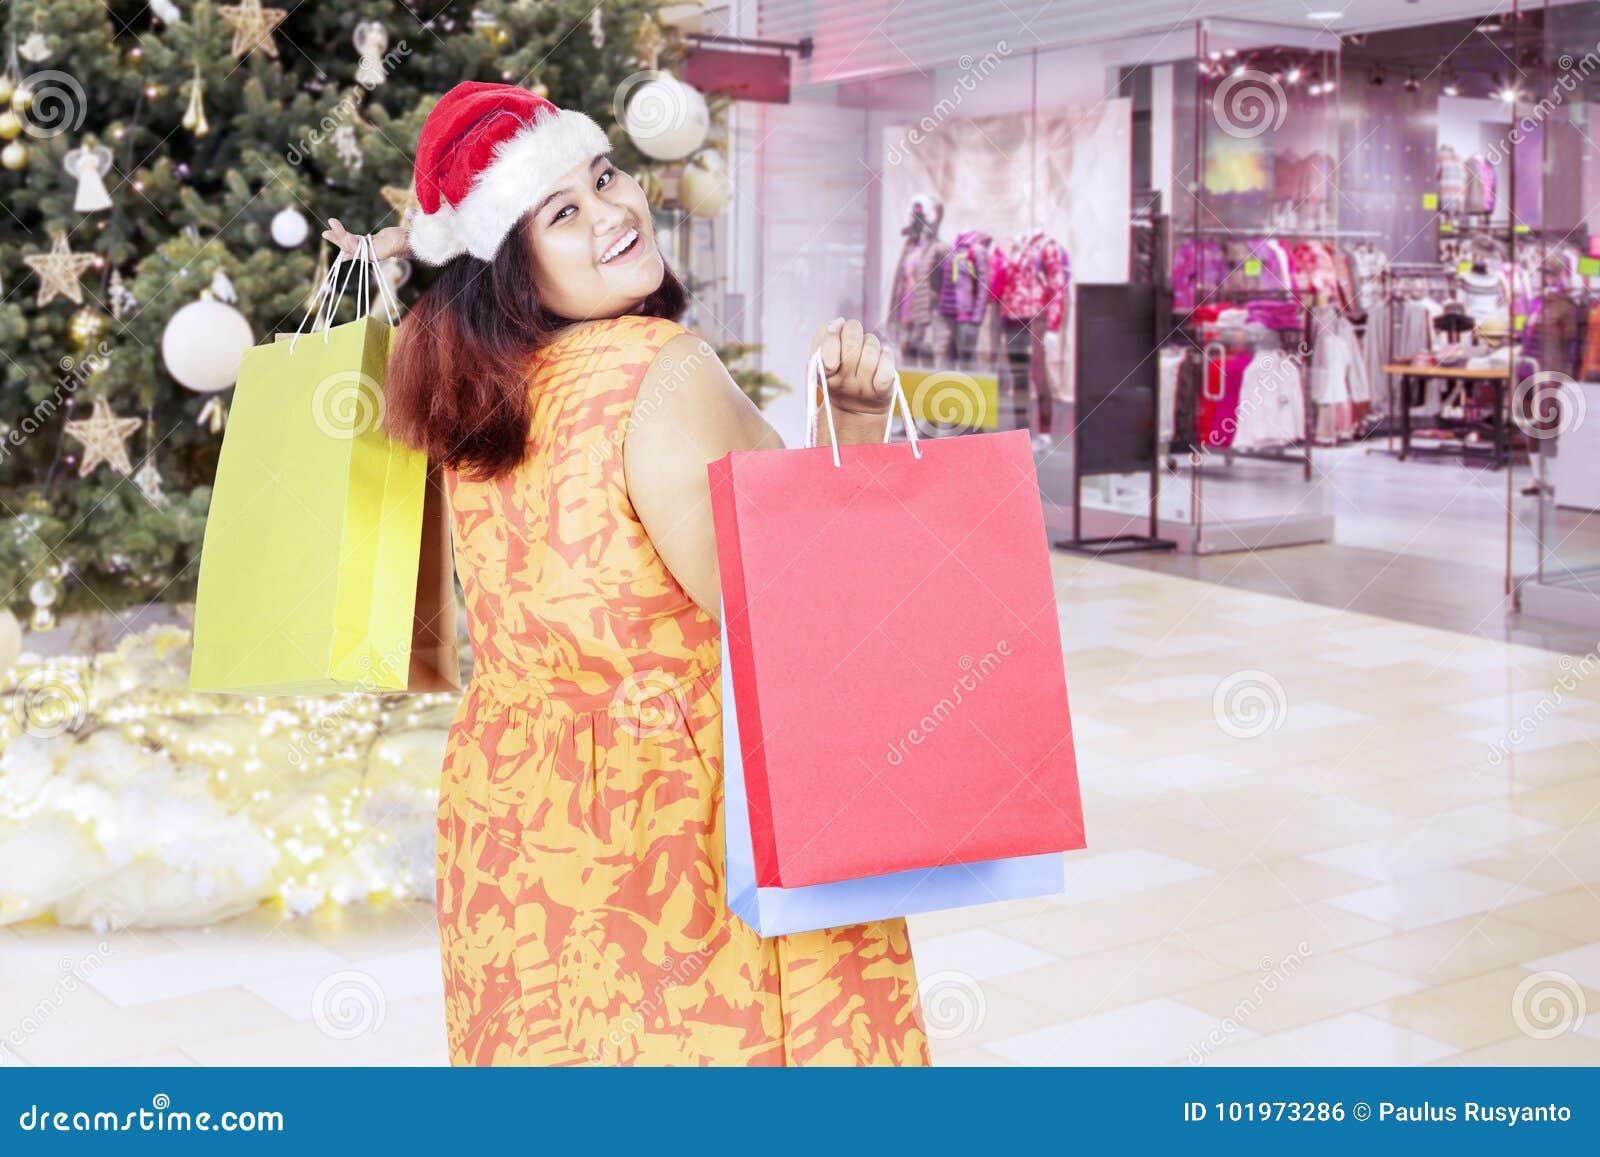 Donna Della I Con Grassa Sacchetti Santa In Di Spesa Cappello Ow4raW7qvO